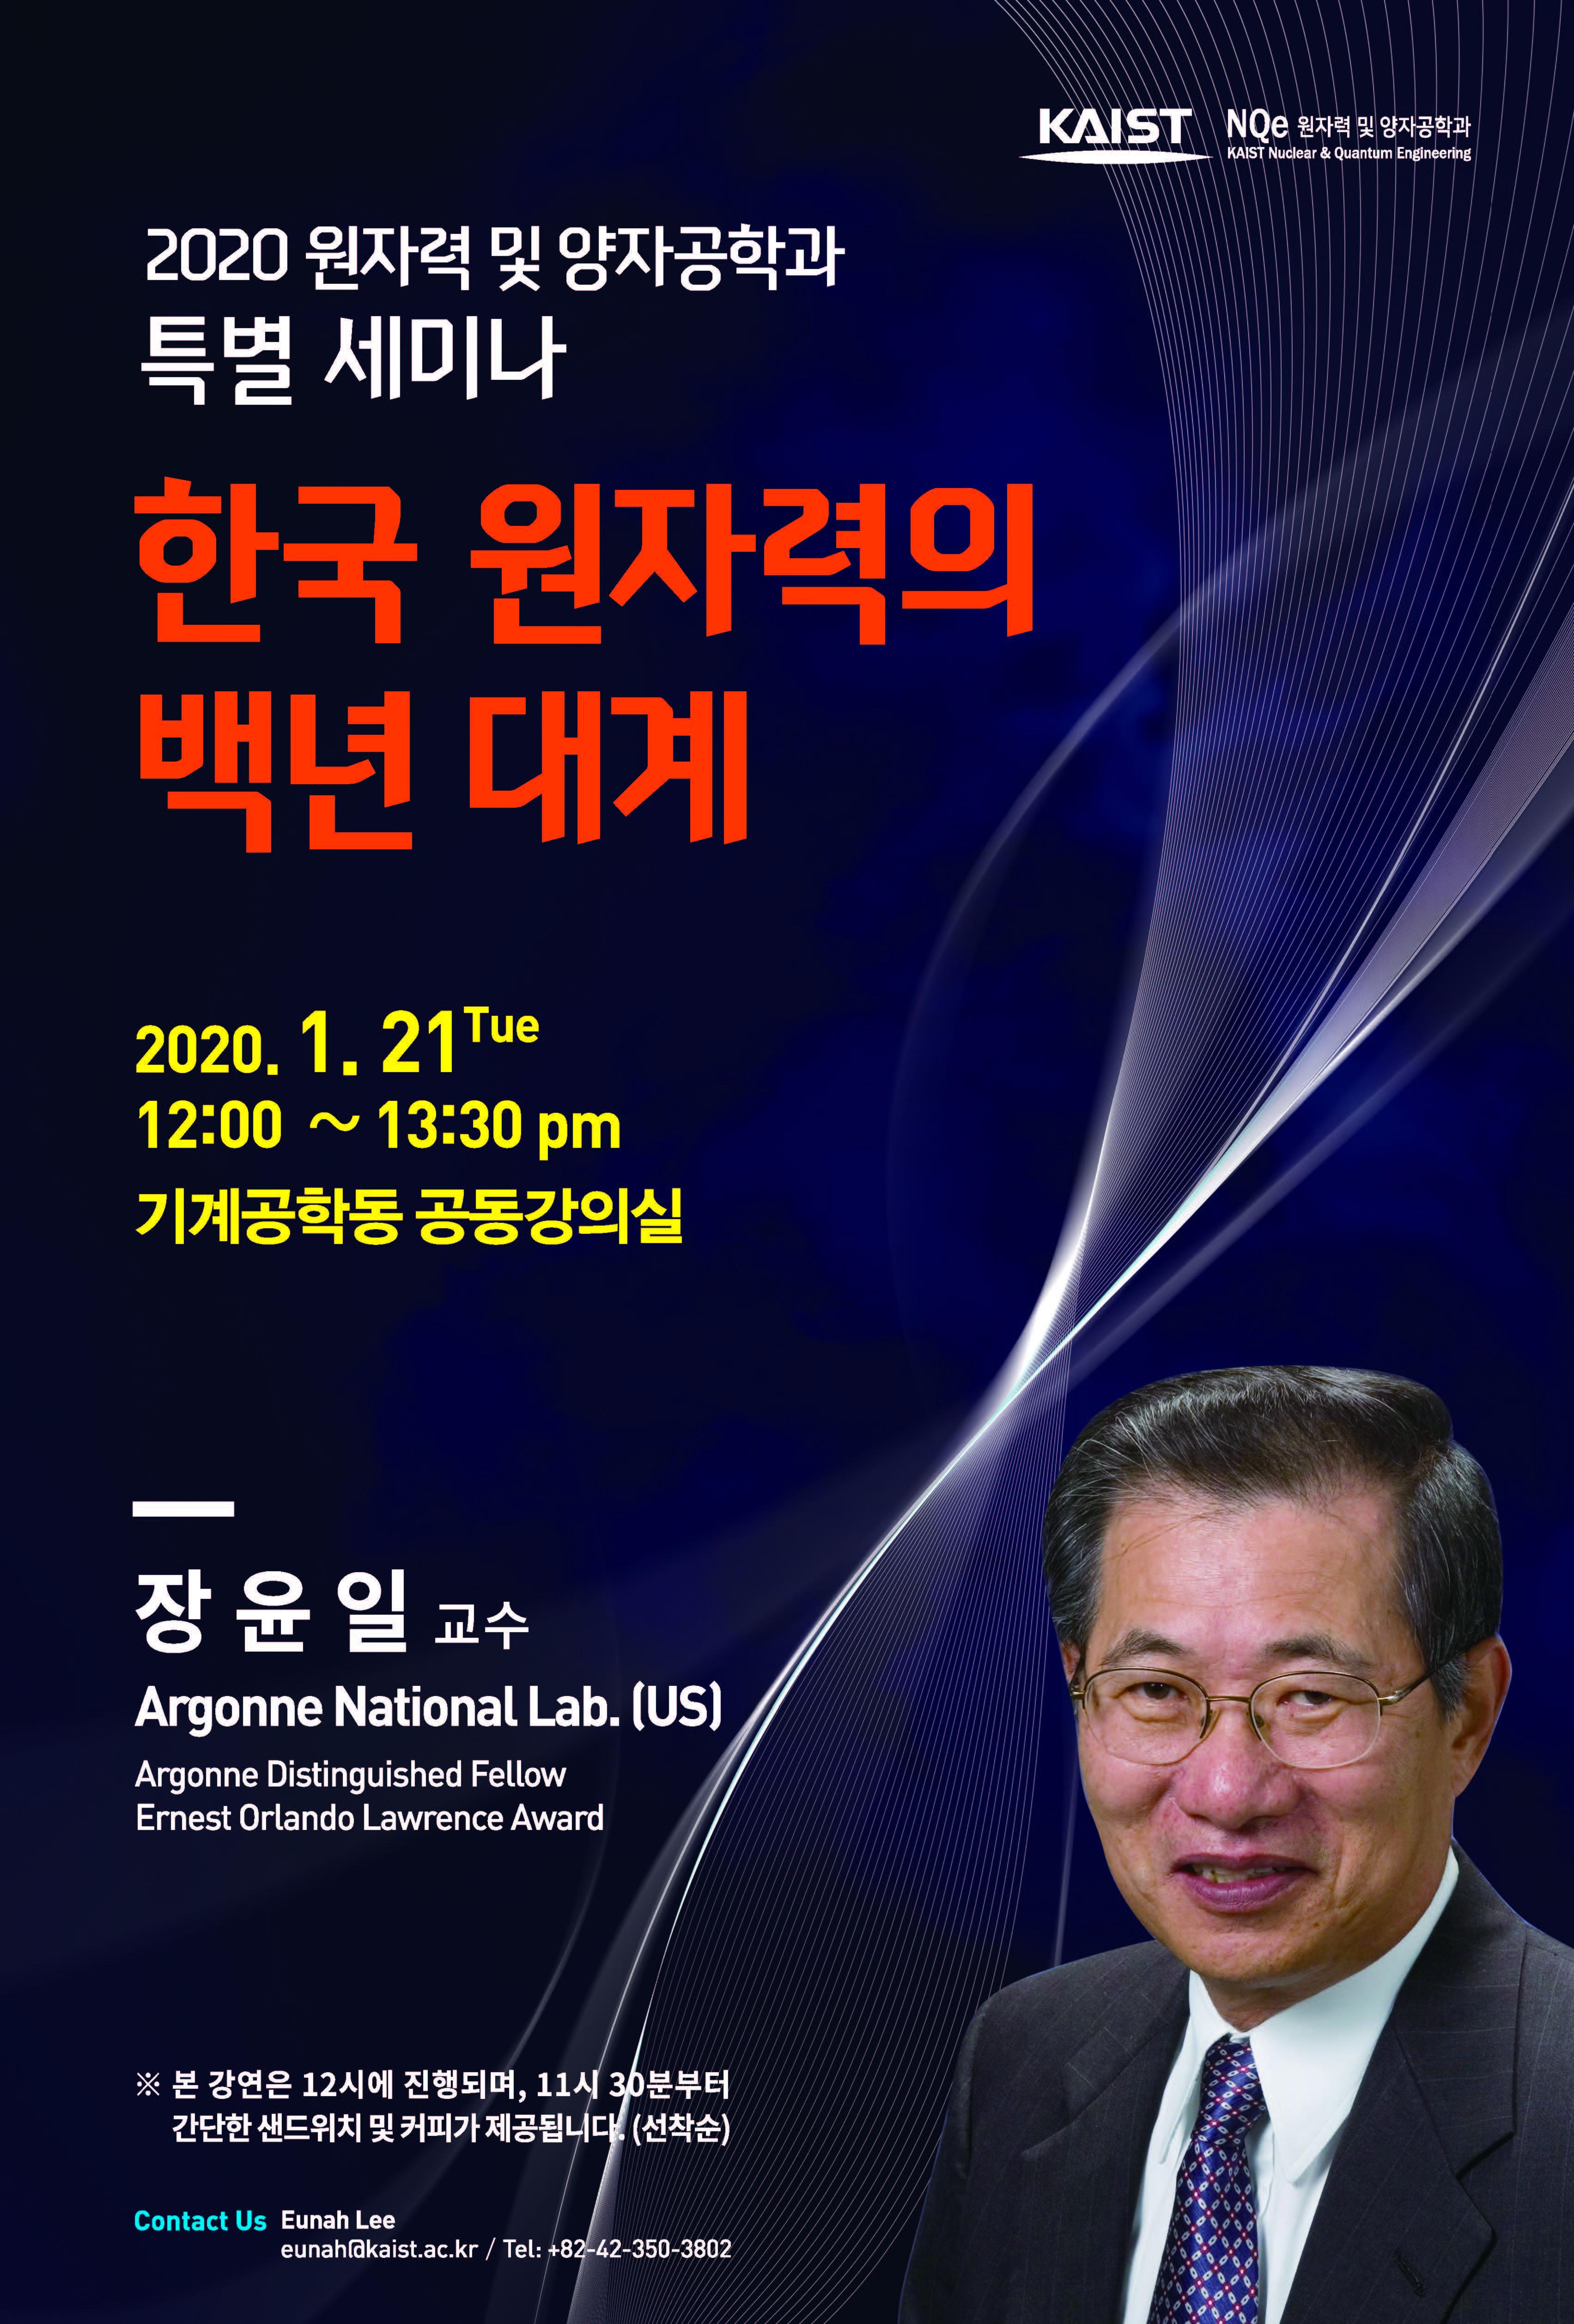 장윤일교수님 강연 포스터(한국원자력의백년대계).jpg